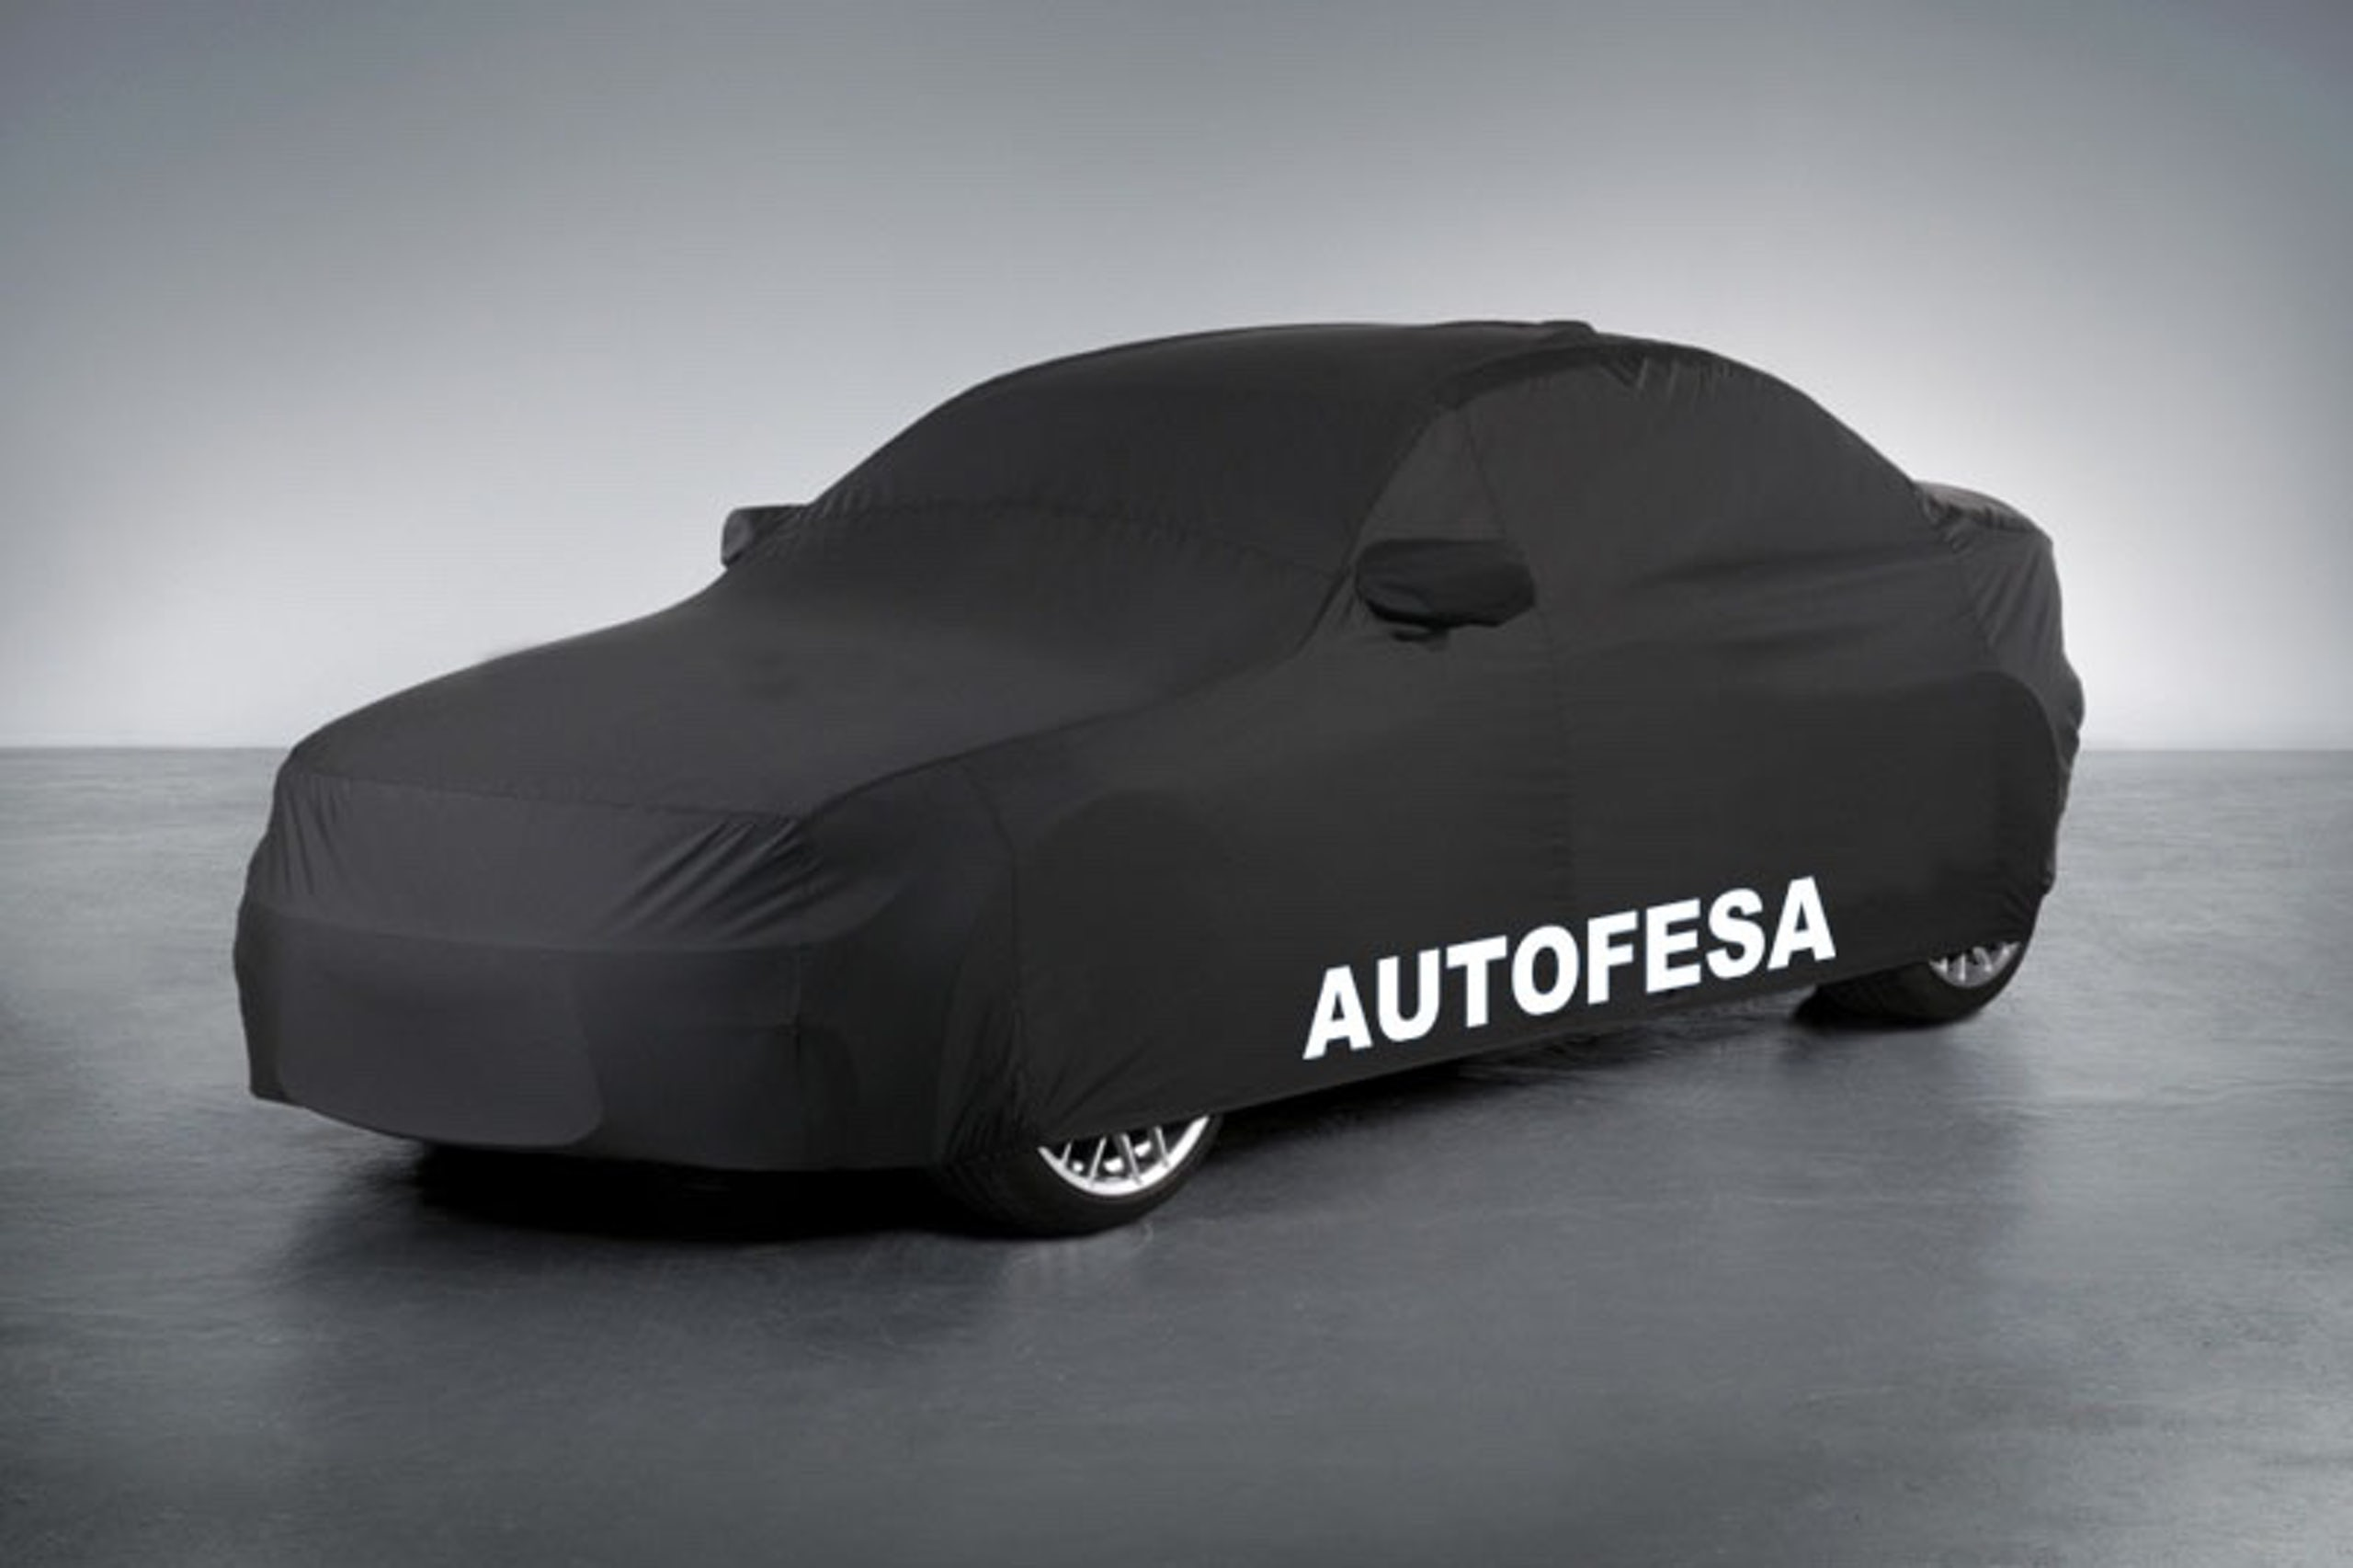 Audi Tts S Coupé 2.0 TFSI 245cv quattro S Line 3p S tronic Auto S/S - Foto 31